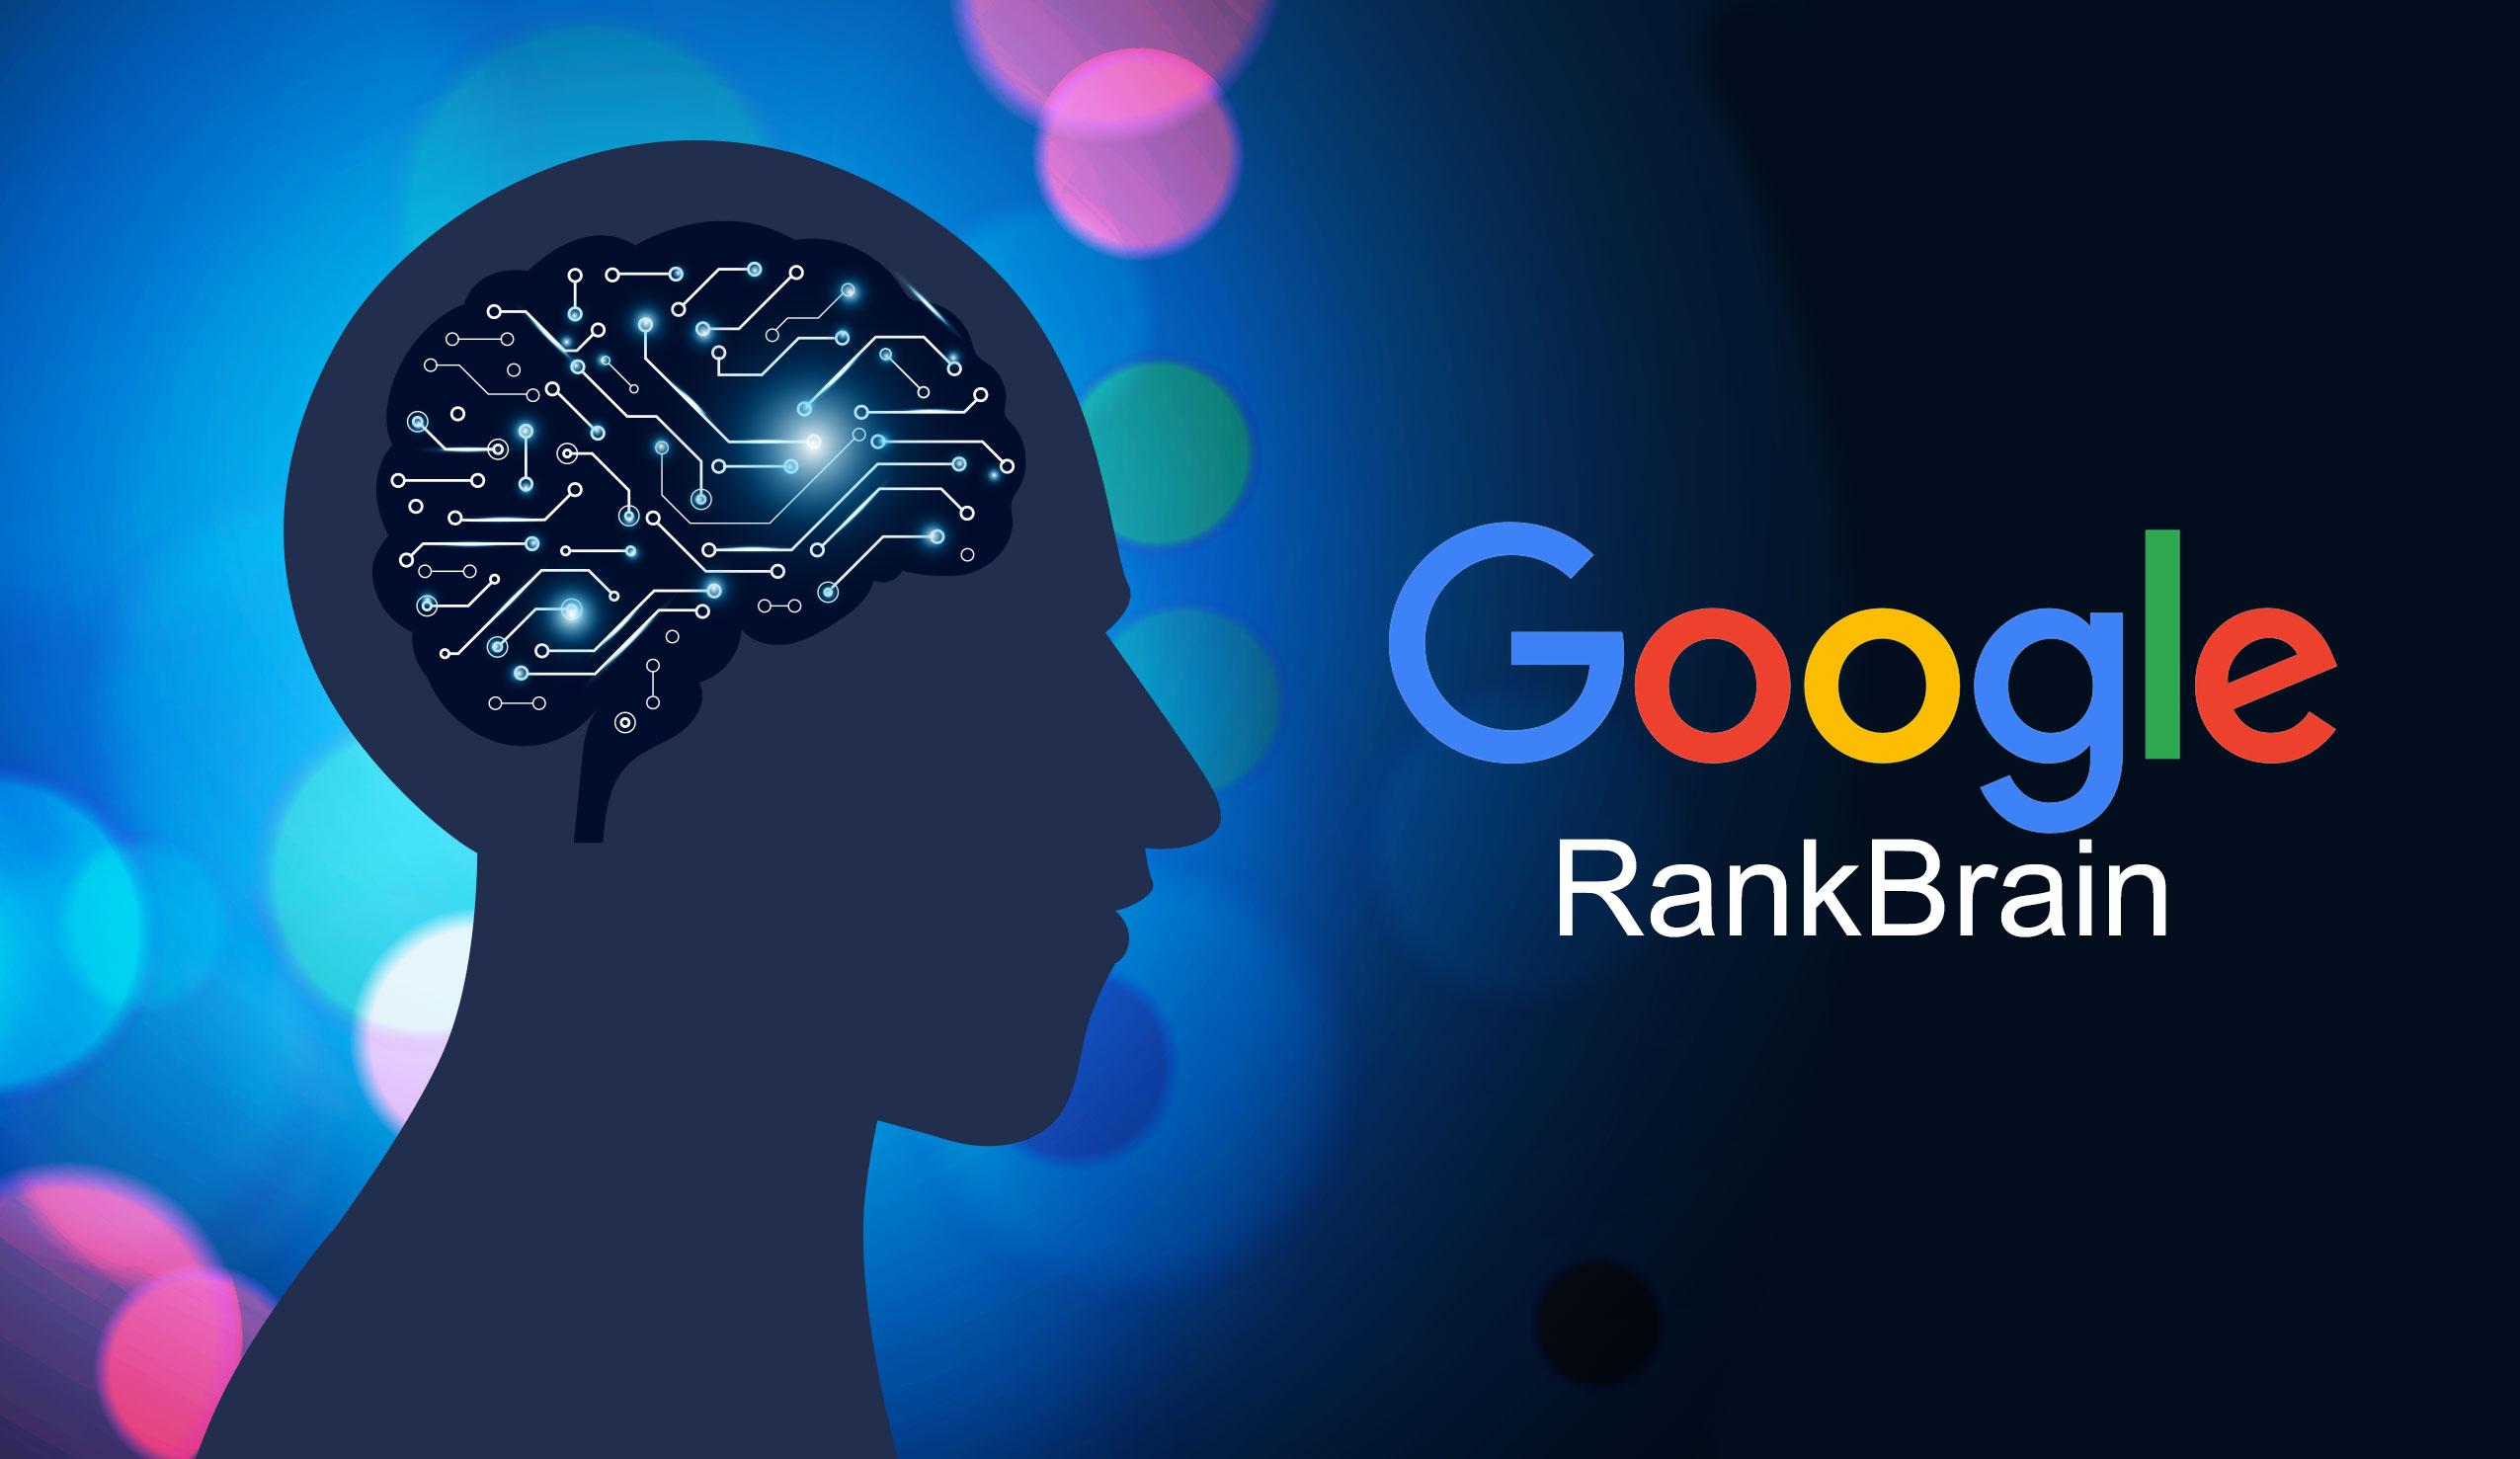 Google RankBrain, cos'è e cosa sappiamo sull'intelligenza artificiale